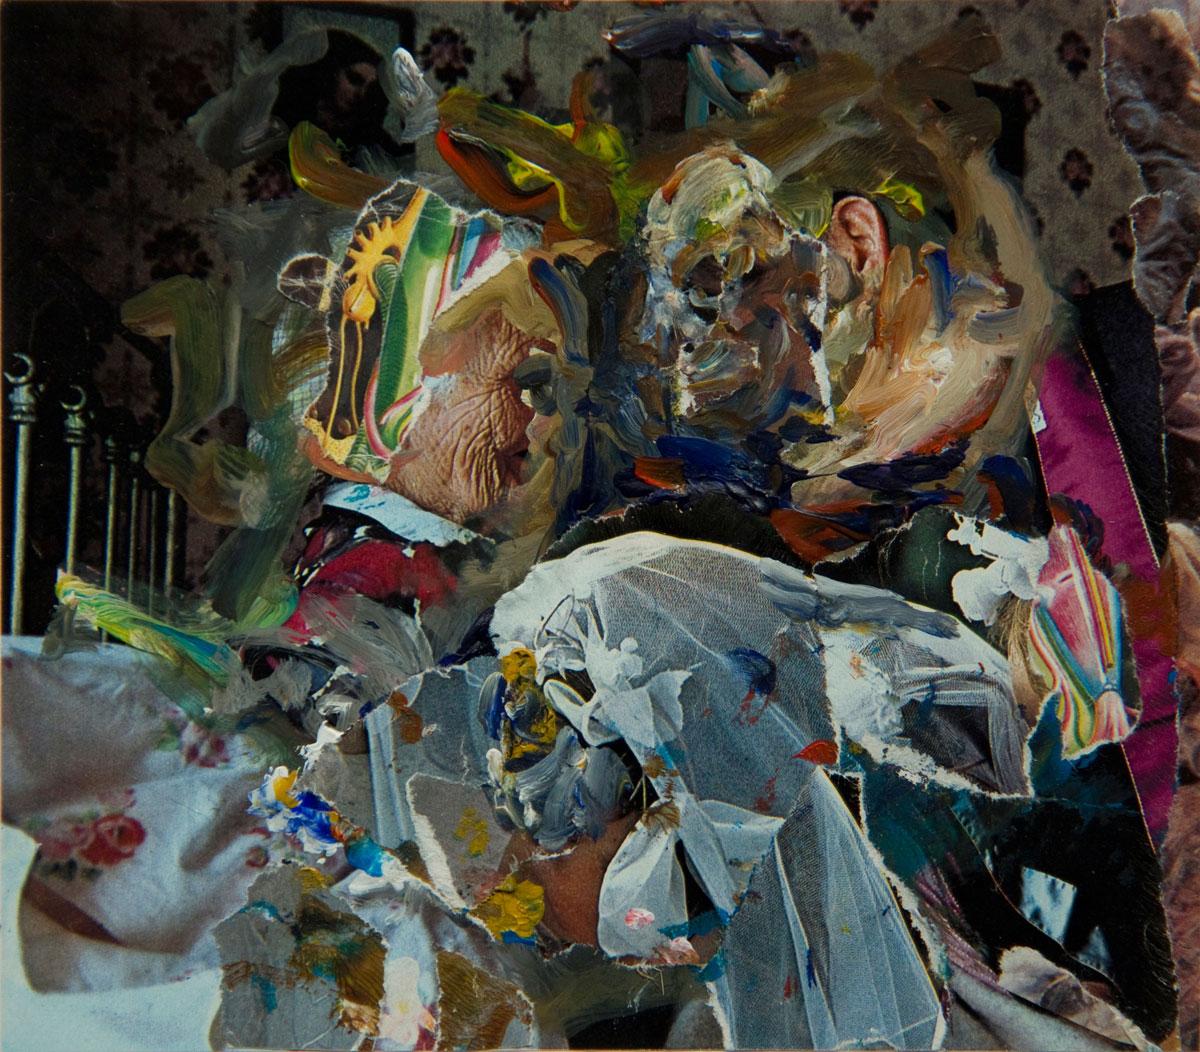 Philippe Briard - La Révélation des Métaterses, 2011, collage, 15 x 17 cm